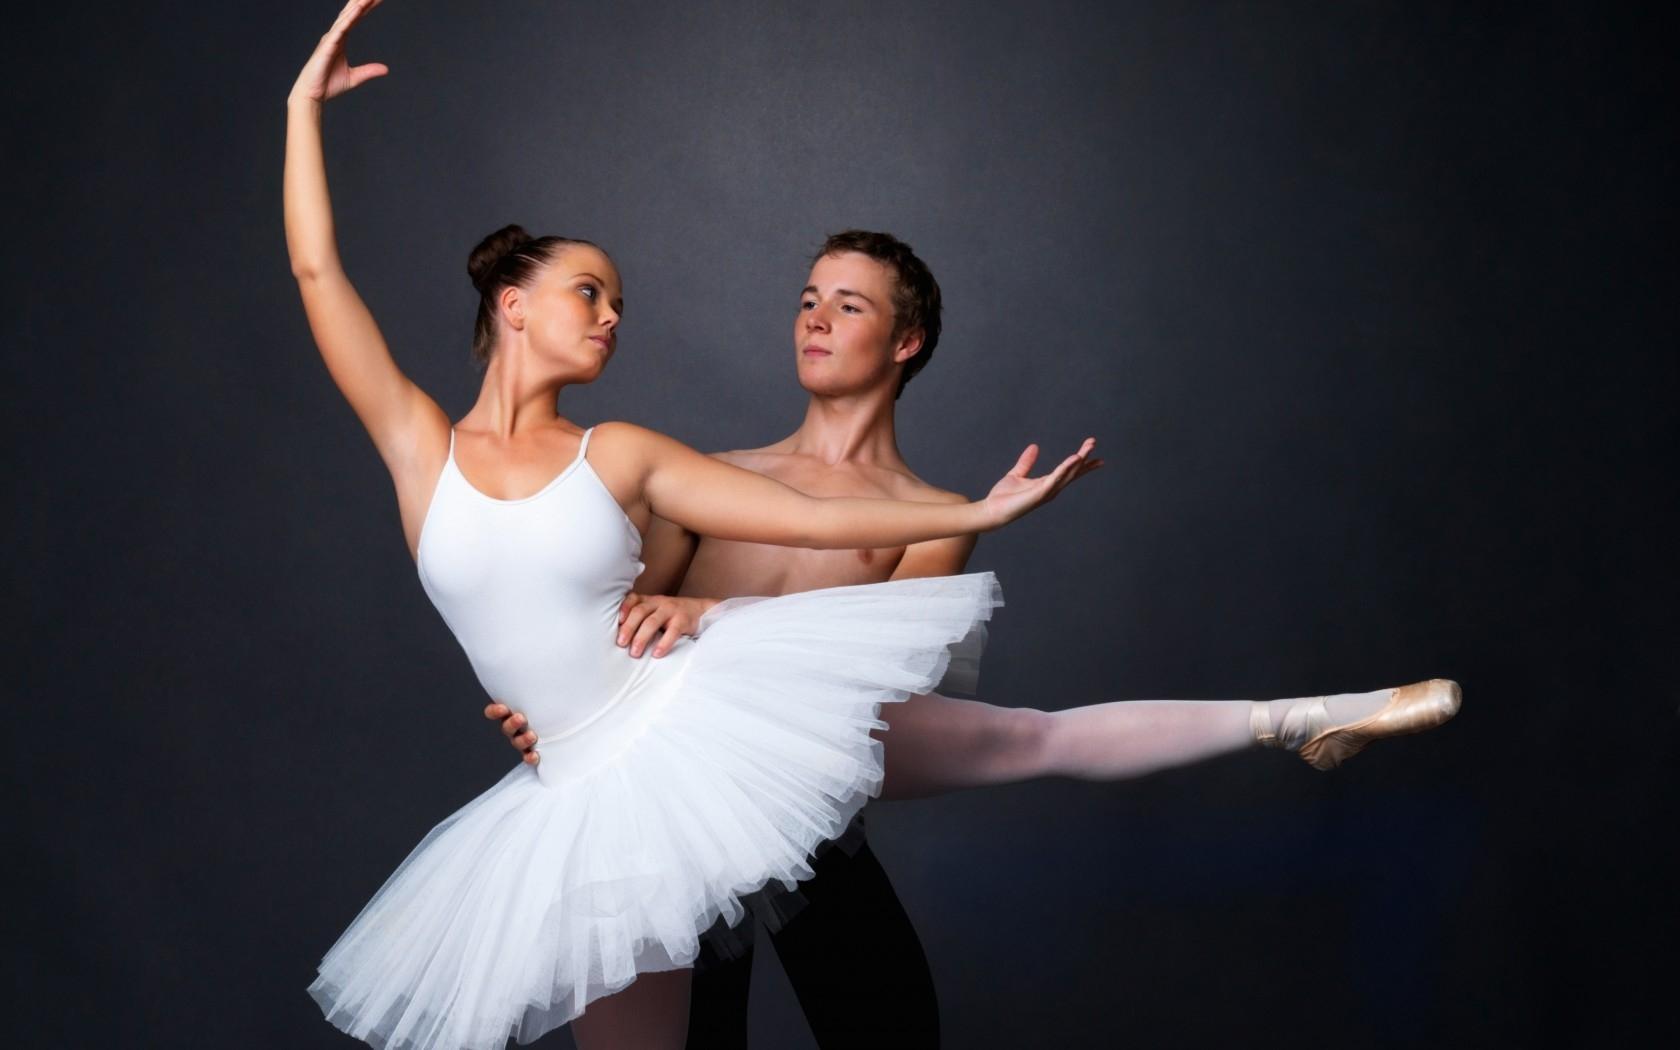 Baile de Ballet - 1680x1050